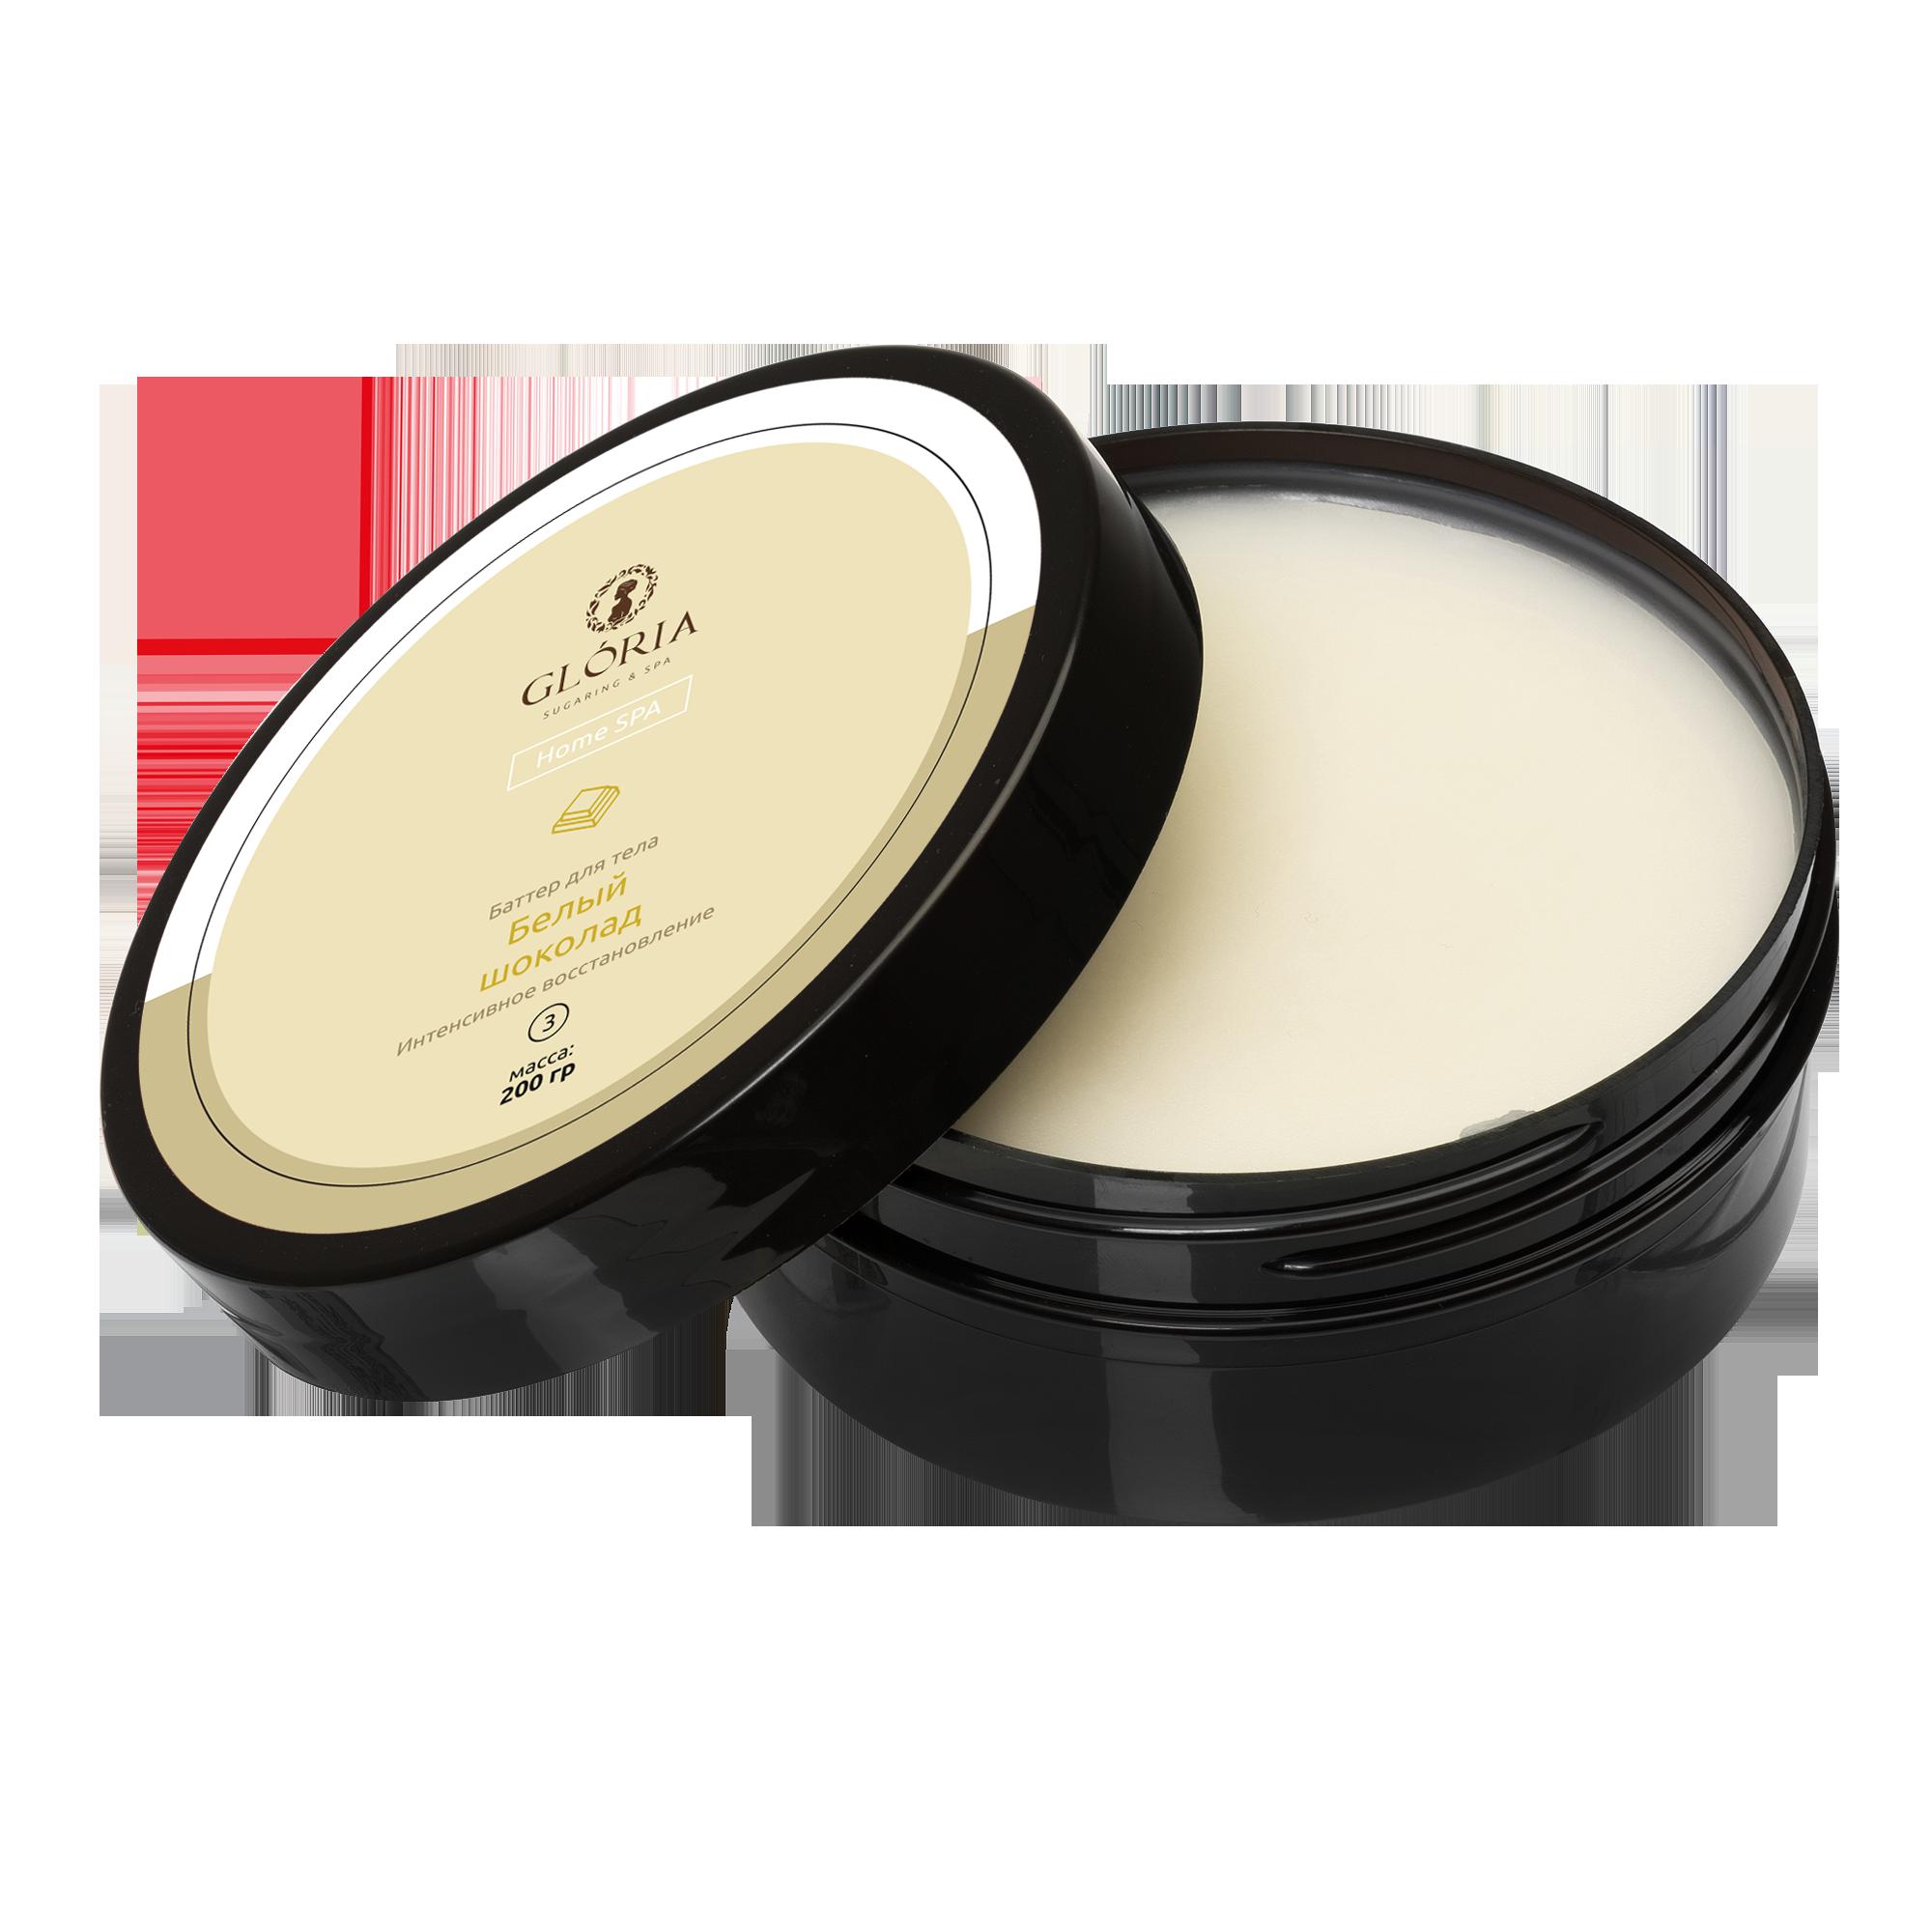 GLORIA Баттер для тела & Белый шоколад&  200гр -  Масла